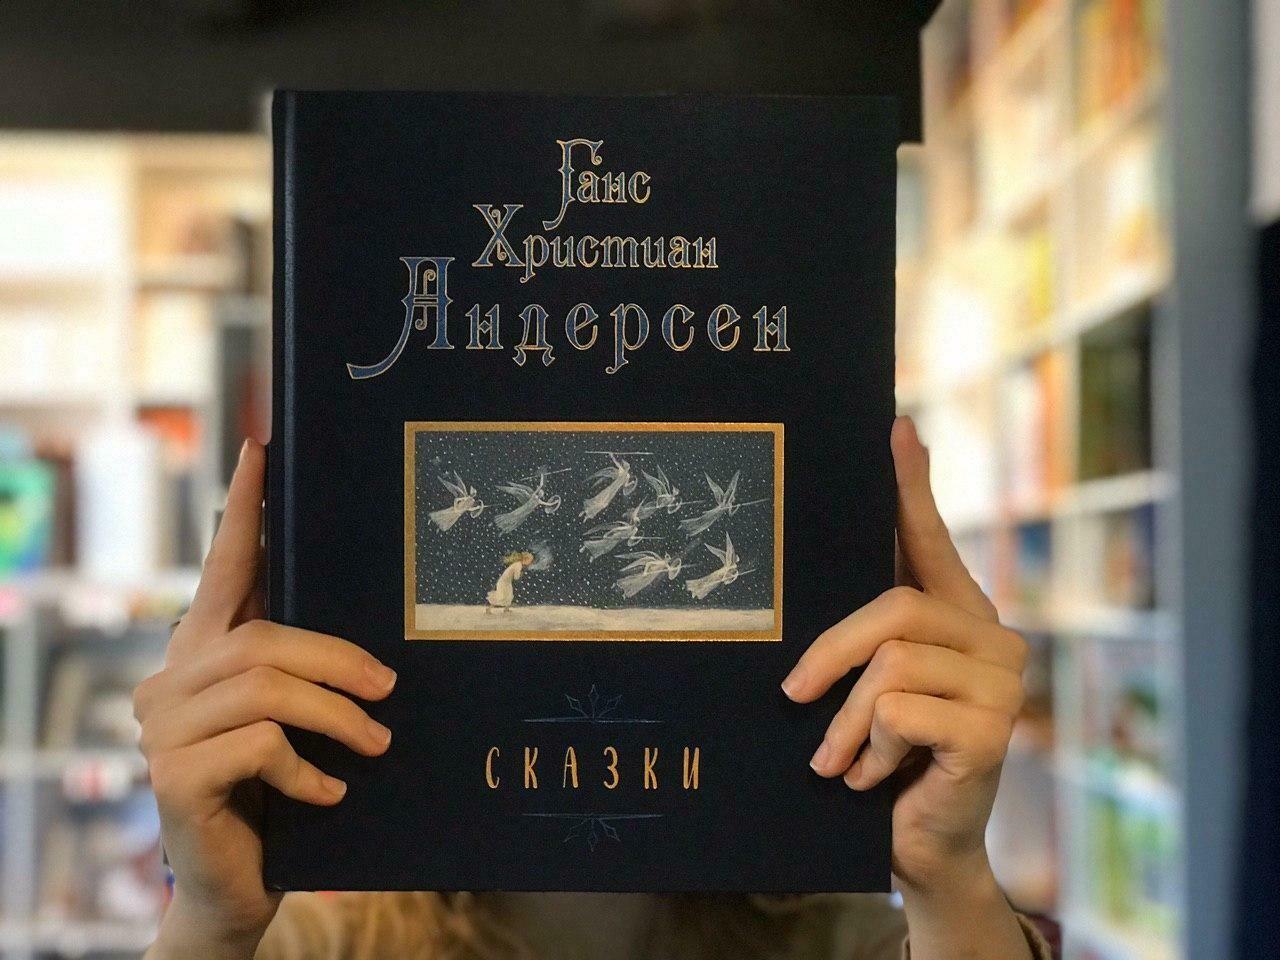 Сказки (сборник) Г. Х. Андерсен